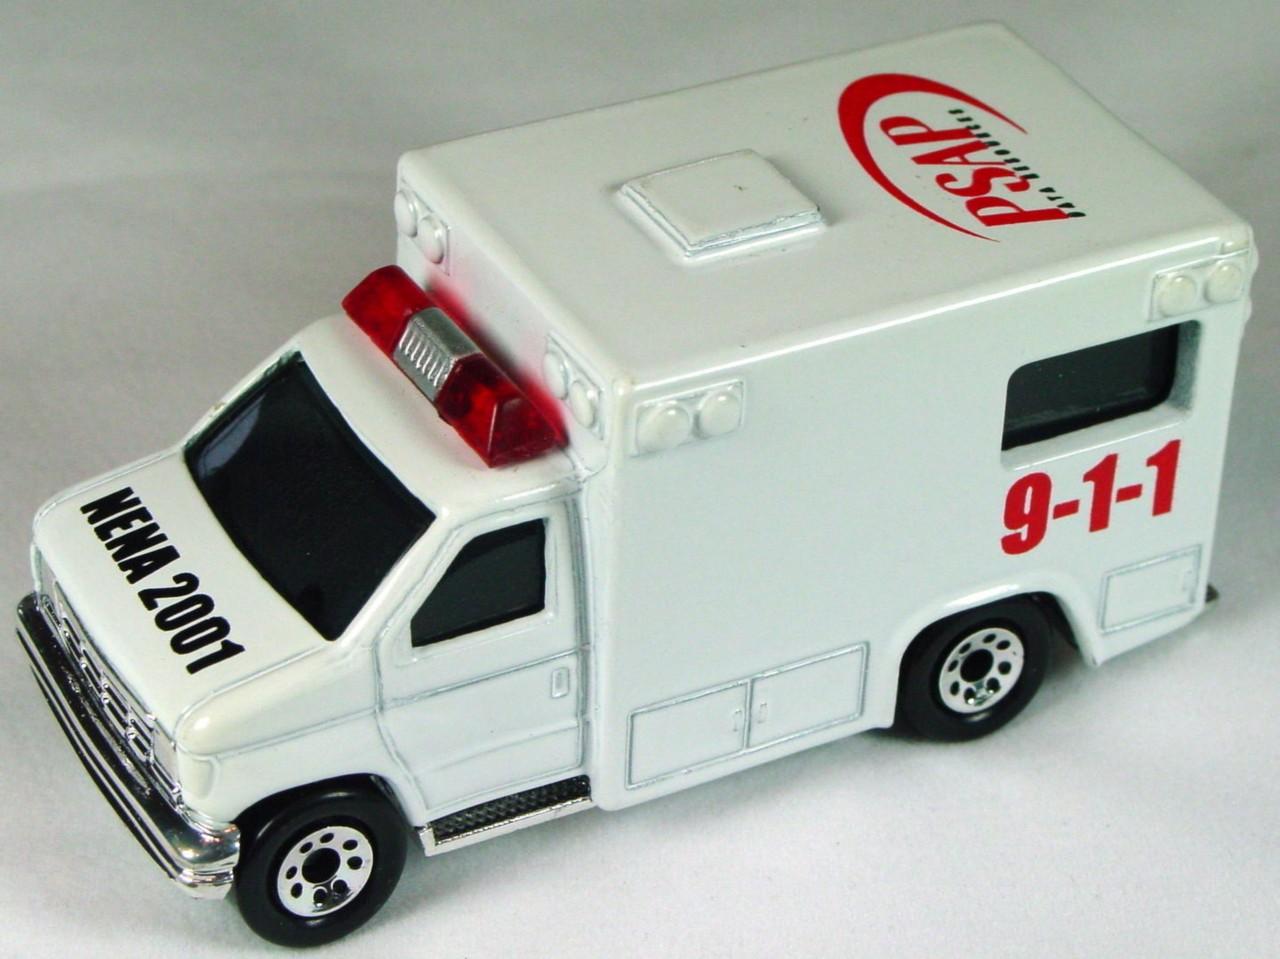 ASAP-CCI 51 K 40 - Ford Ambulance White 911 PSAP NENA 2001 ASAP